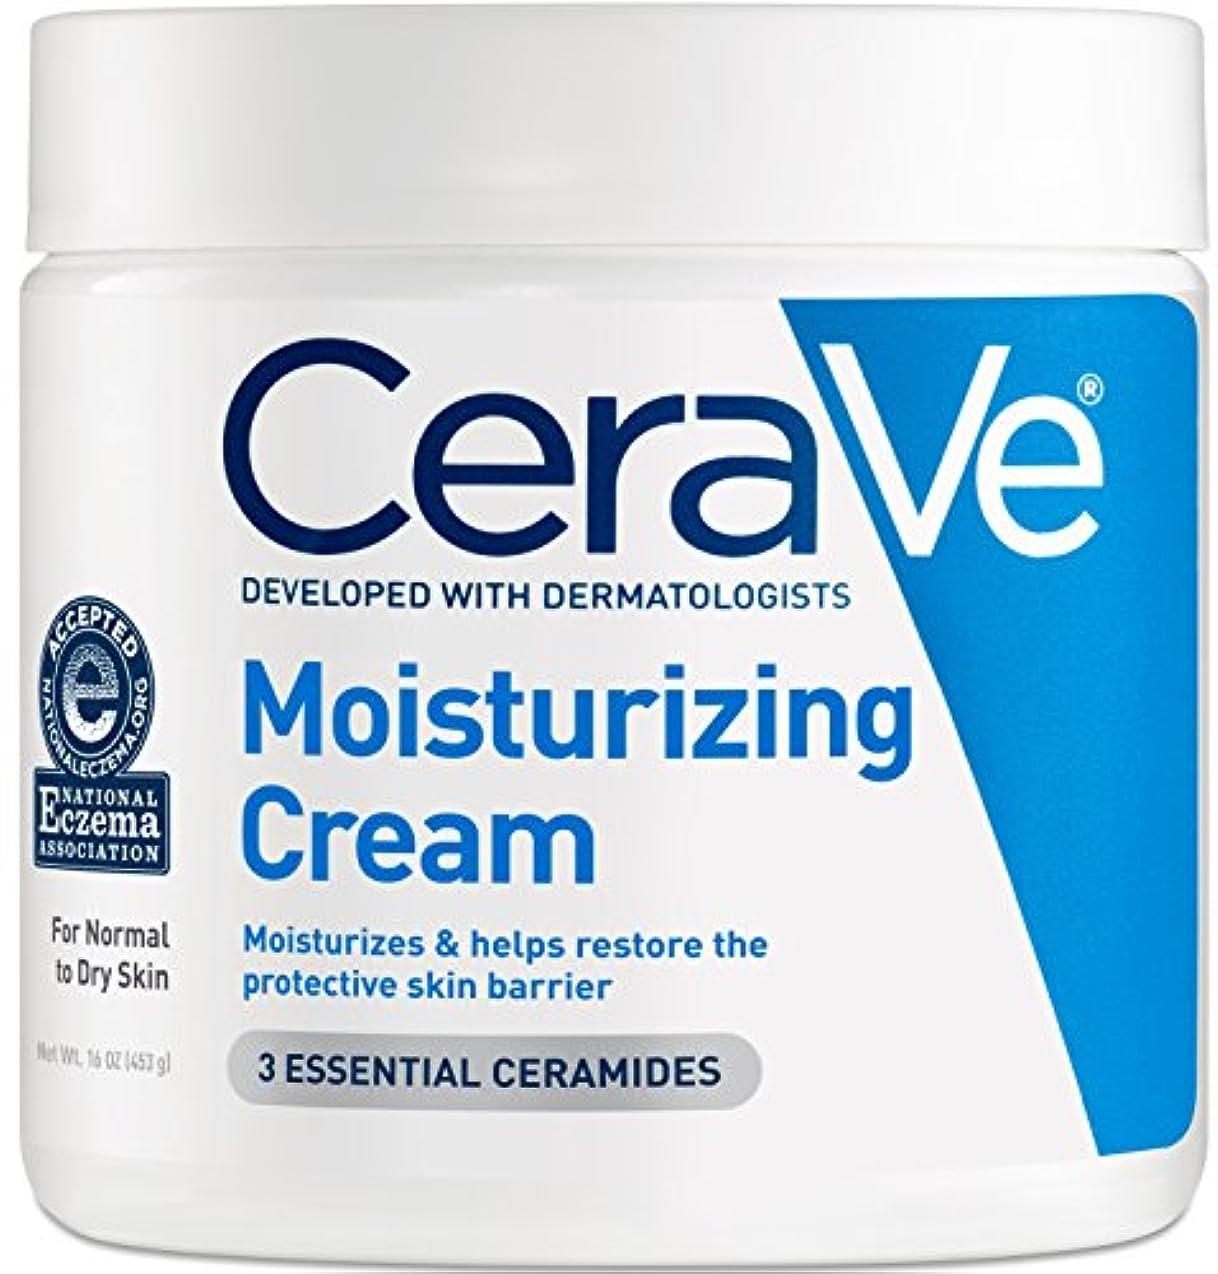 作り上げる信じられない三番海外直送品Cerave Cerave Moisturizing Cream, 16 oz